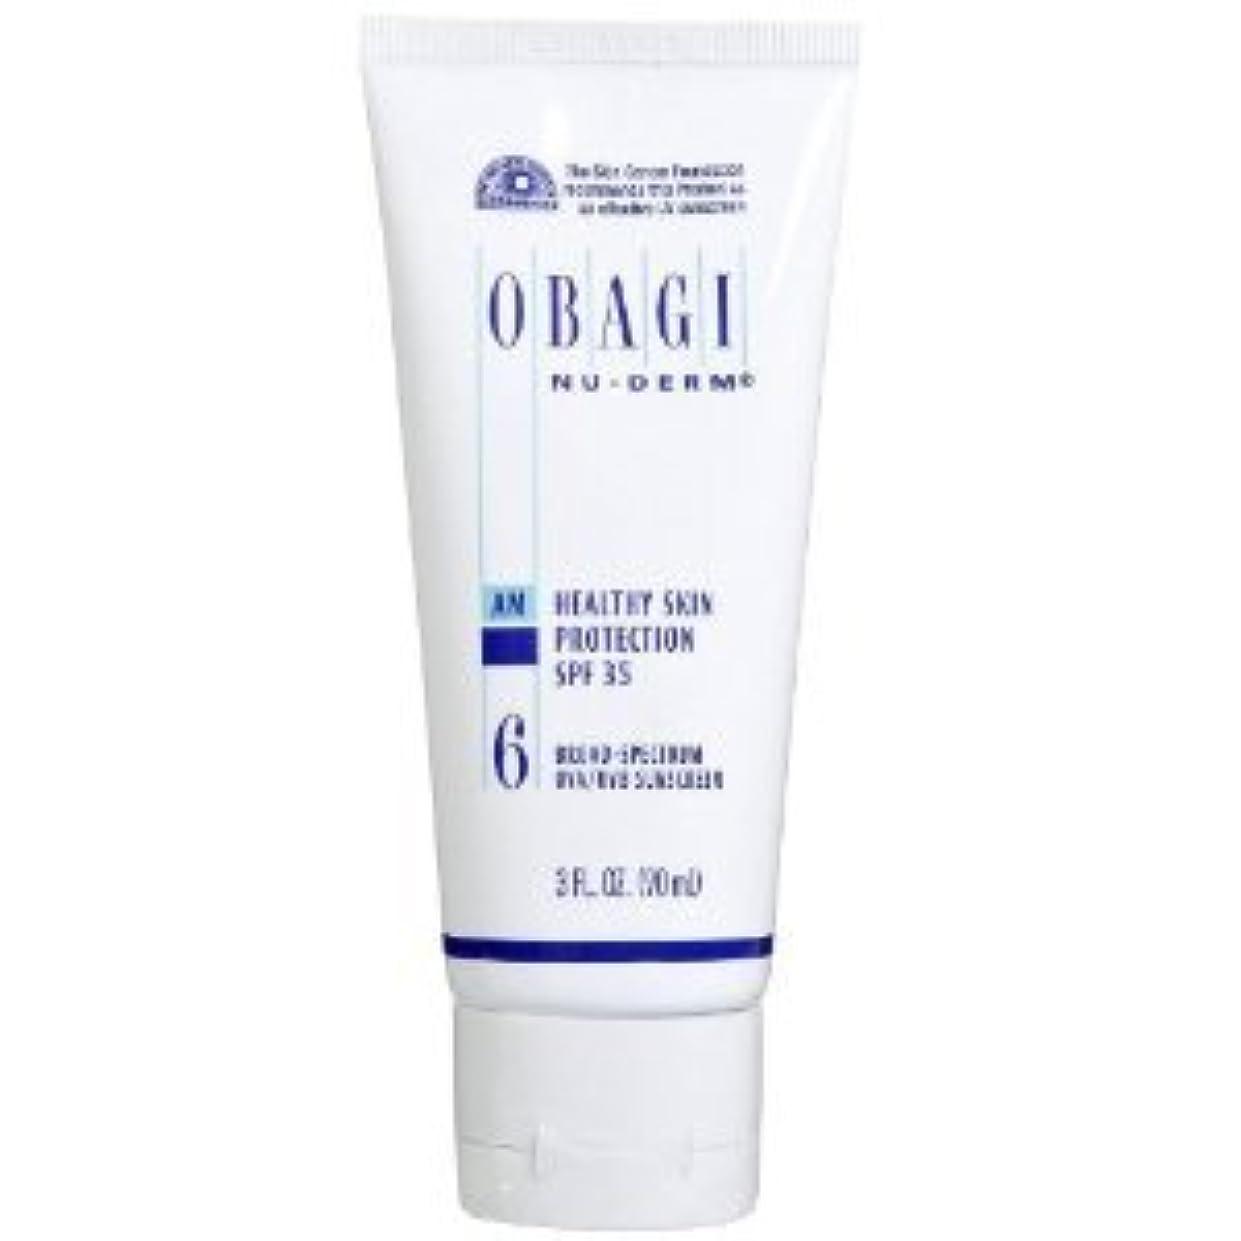 密輸移行グレードオバジ ニューダーム スキンプロテクション サンスクリーン(SPF35) Obagi Nu-Derm Healthy Skin Protection SPF 35 Sunscreens